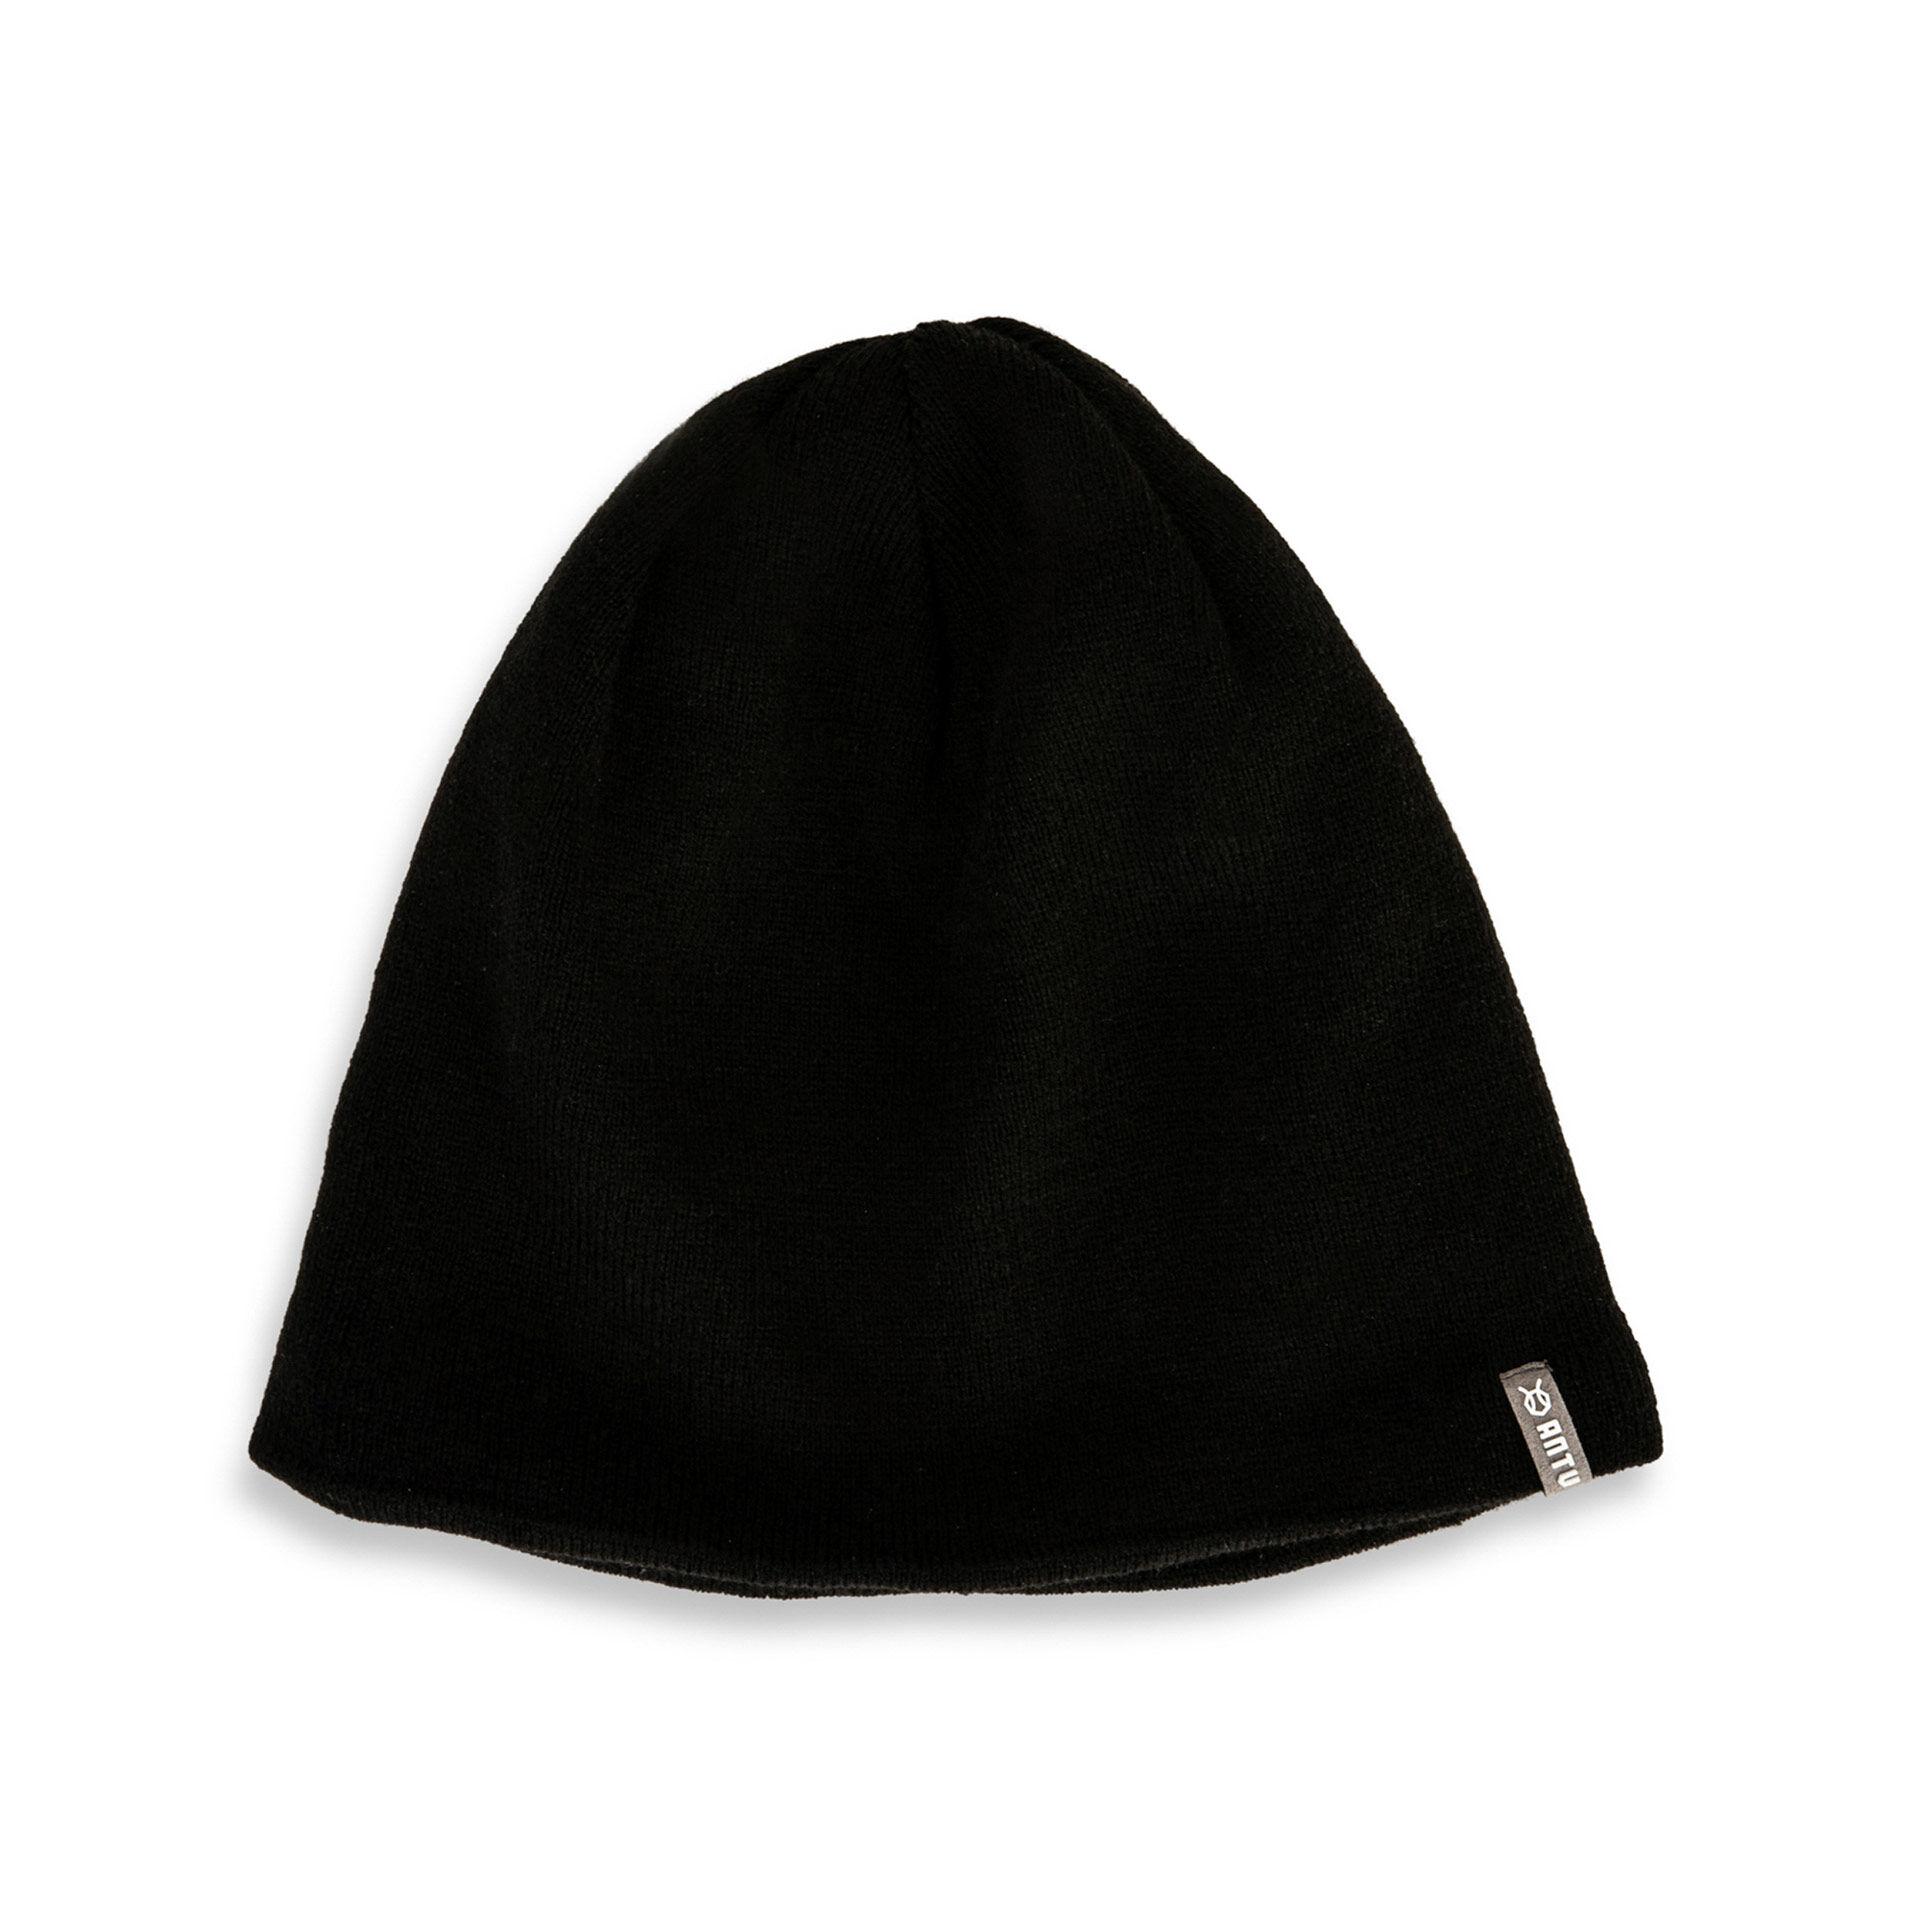 Chapeau imperméable et respirant anti-pluie, , large